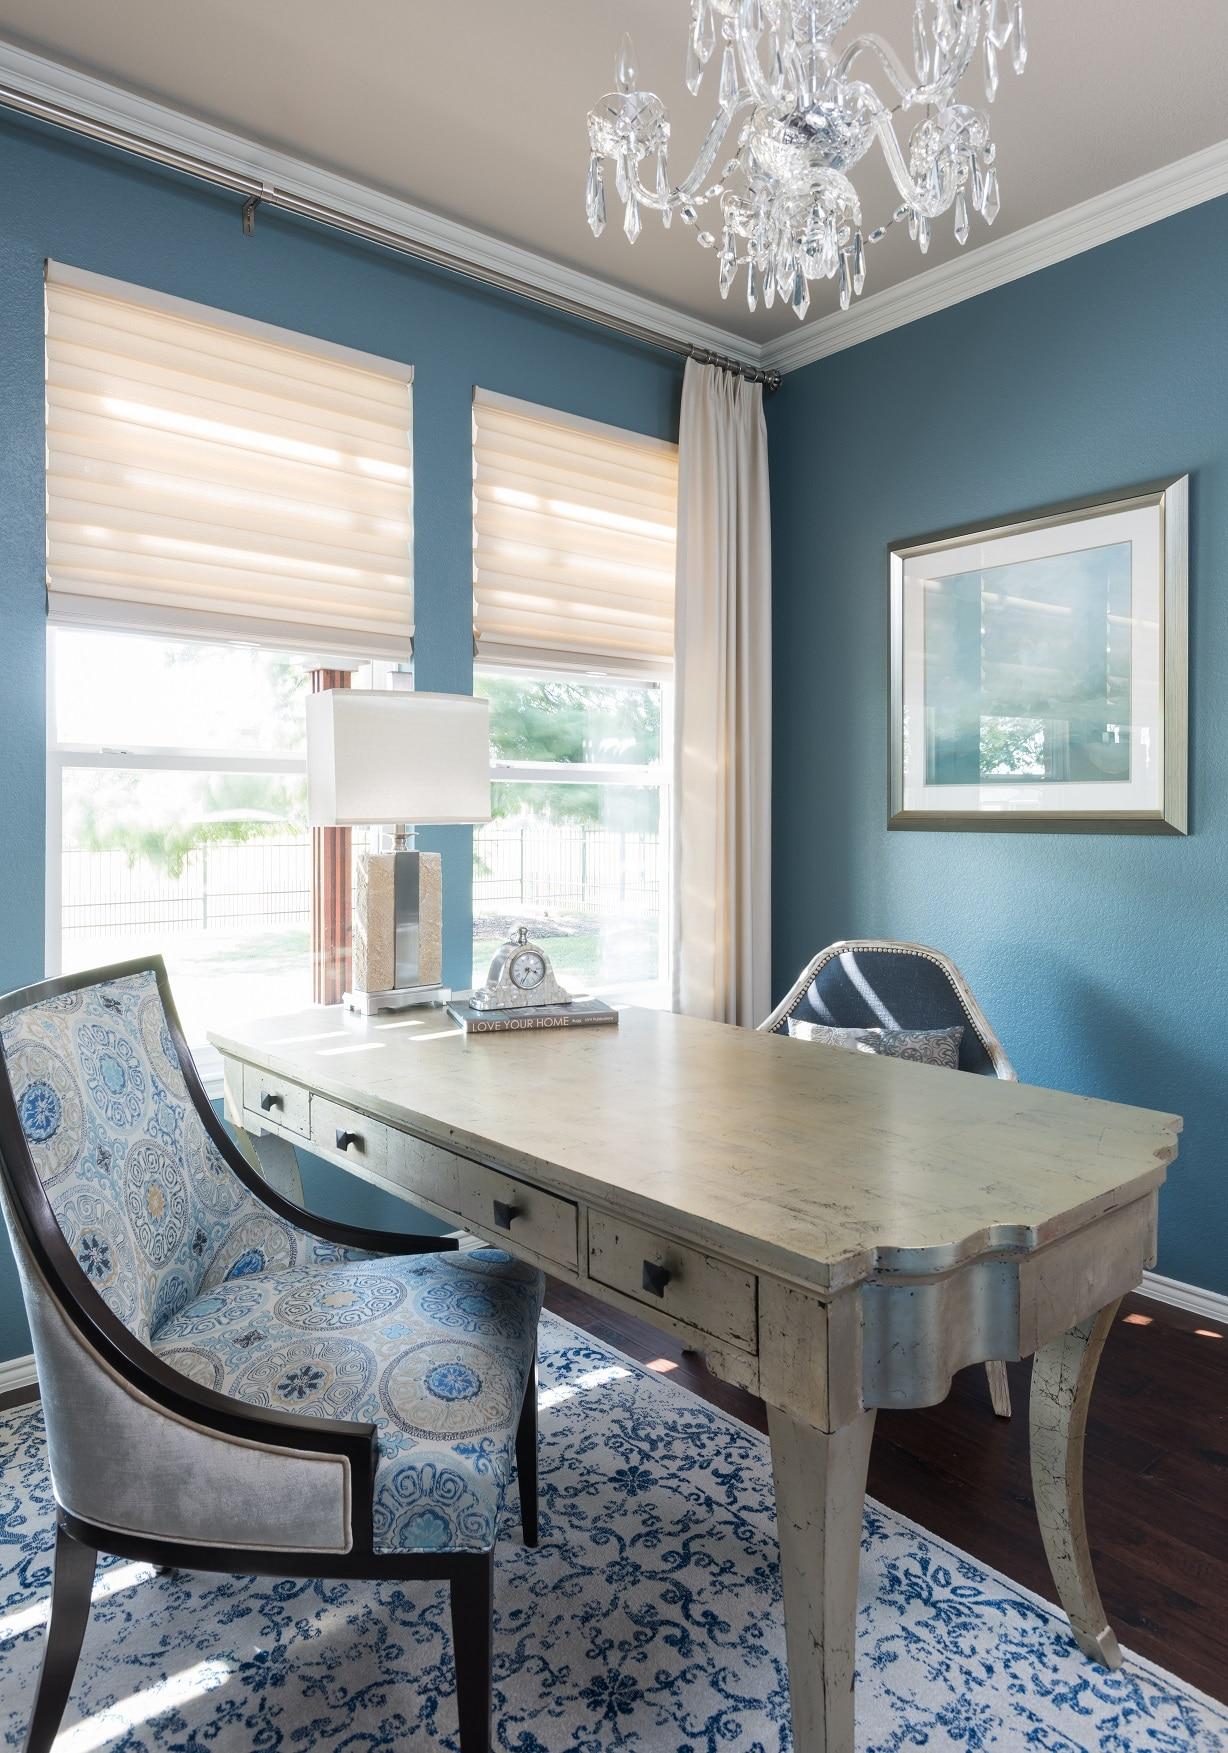 study ideas 2020, home office ideas 2020, study decor ideas, dallas interior designers, dallas home renovation ideas, interior designers near me, dell webb communities